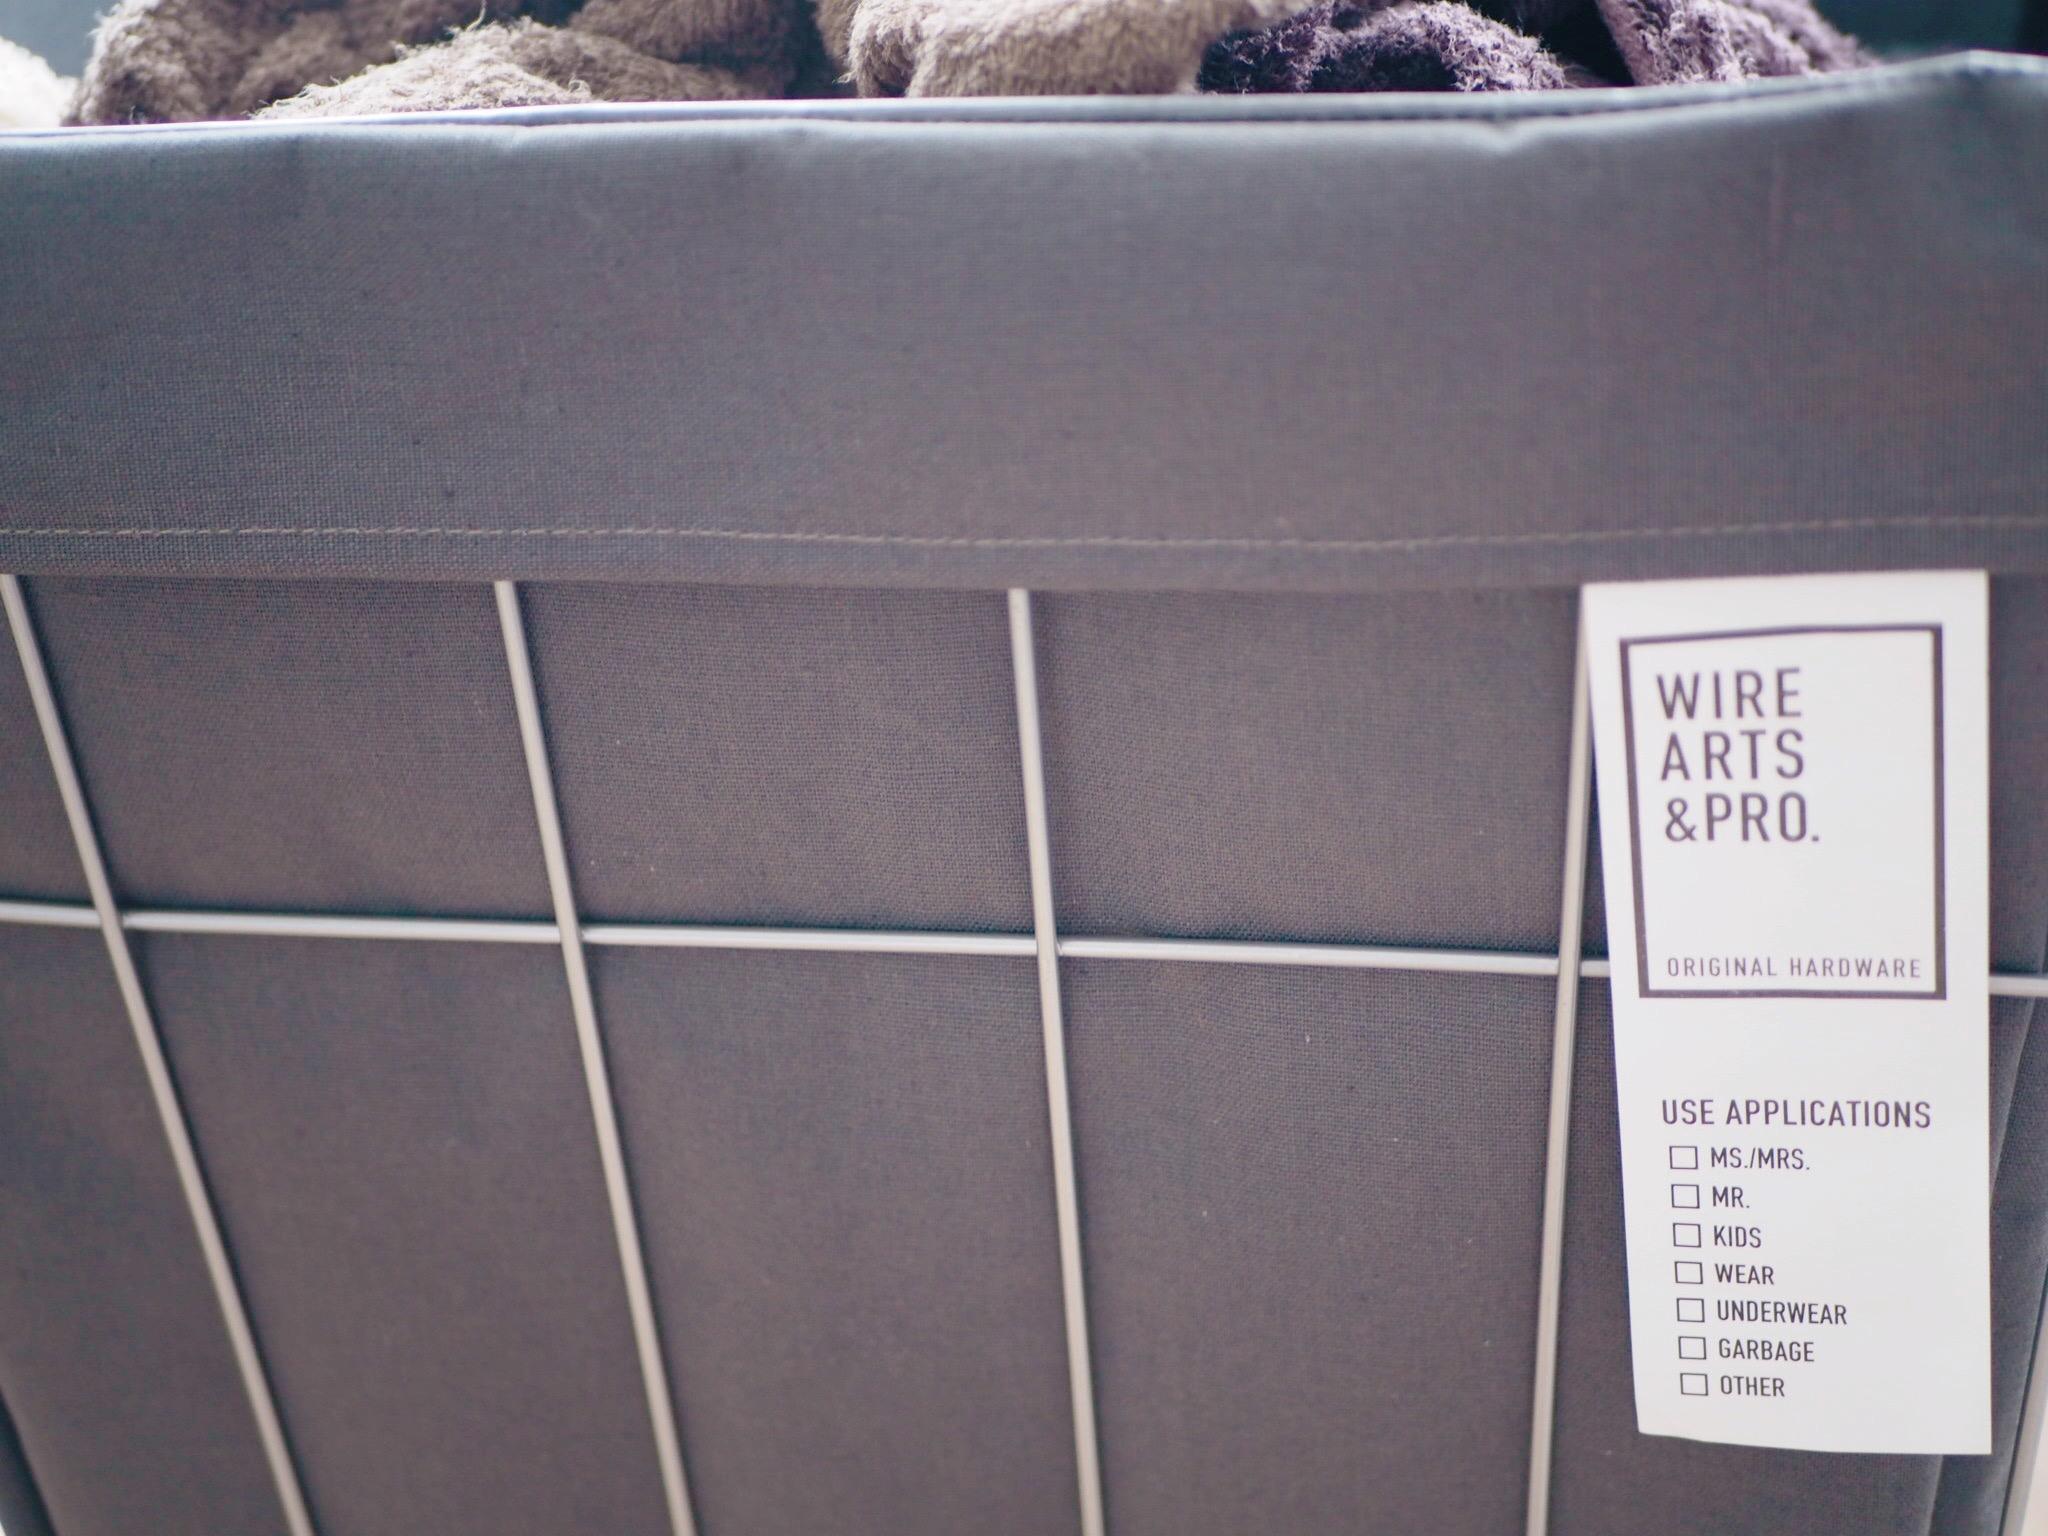 【ランドリーラック】お洗濯が楽しく楽ちんに♩ インテリアにもおすすめの【WIRE& ARTS PRO】❤︎_3